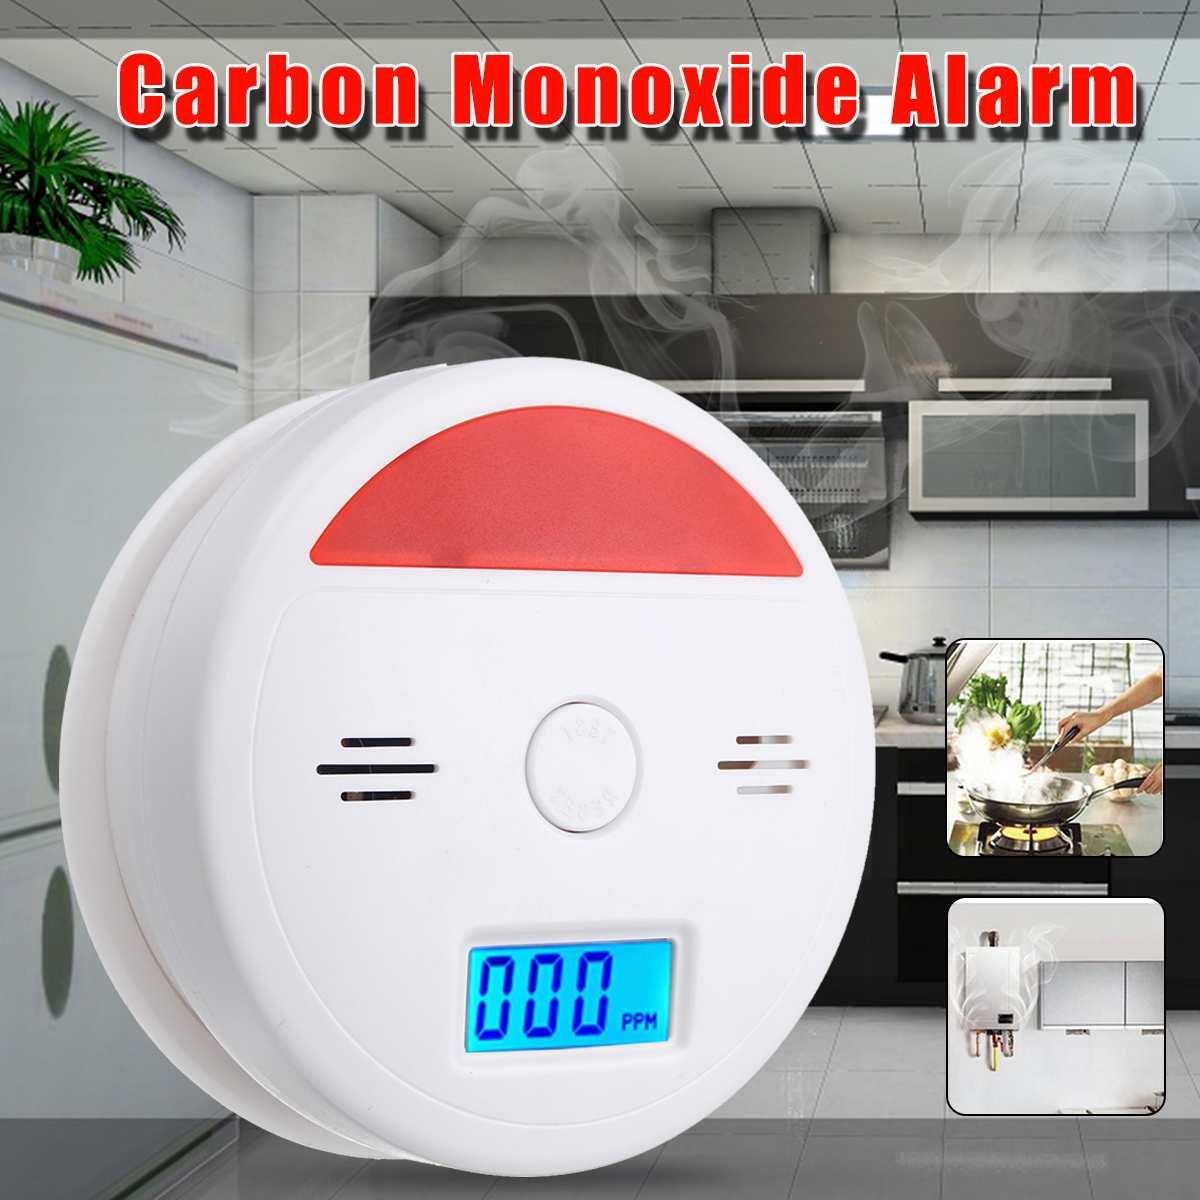 LCD CO Gas Carbon Sensor Detector Monoxide Alarm Monitor Alarma Cocina Monoxide Poisoning Alarm Detector 3 Meter 85DB Warning